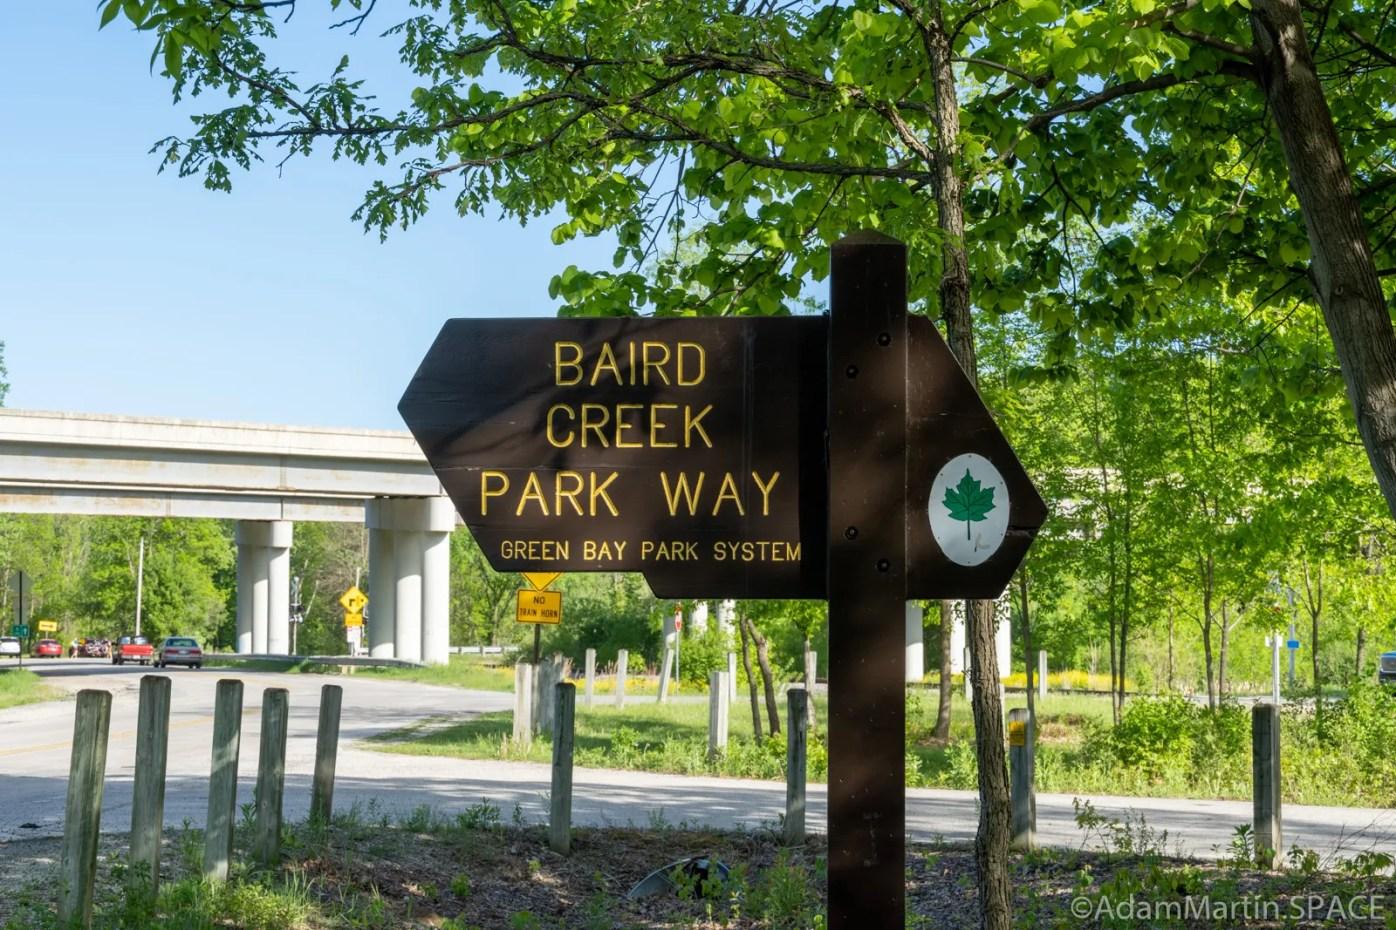 Baird Creek Park Way sign